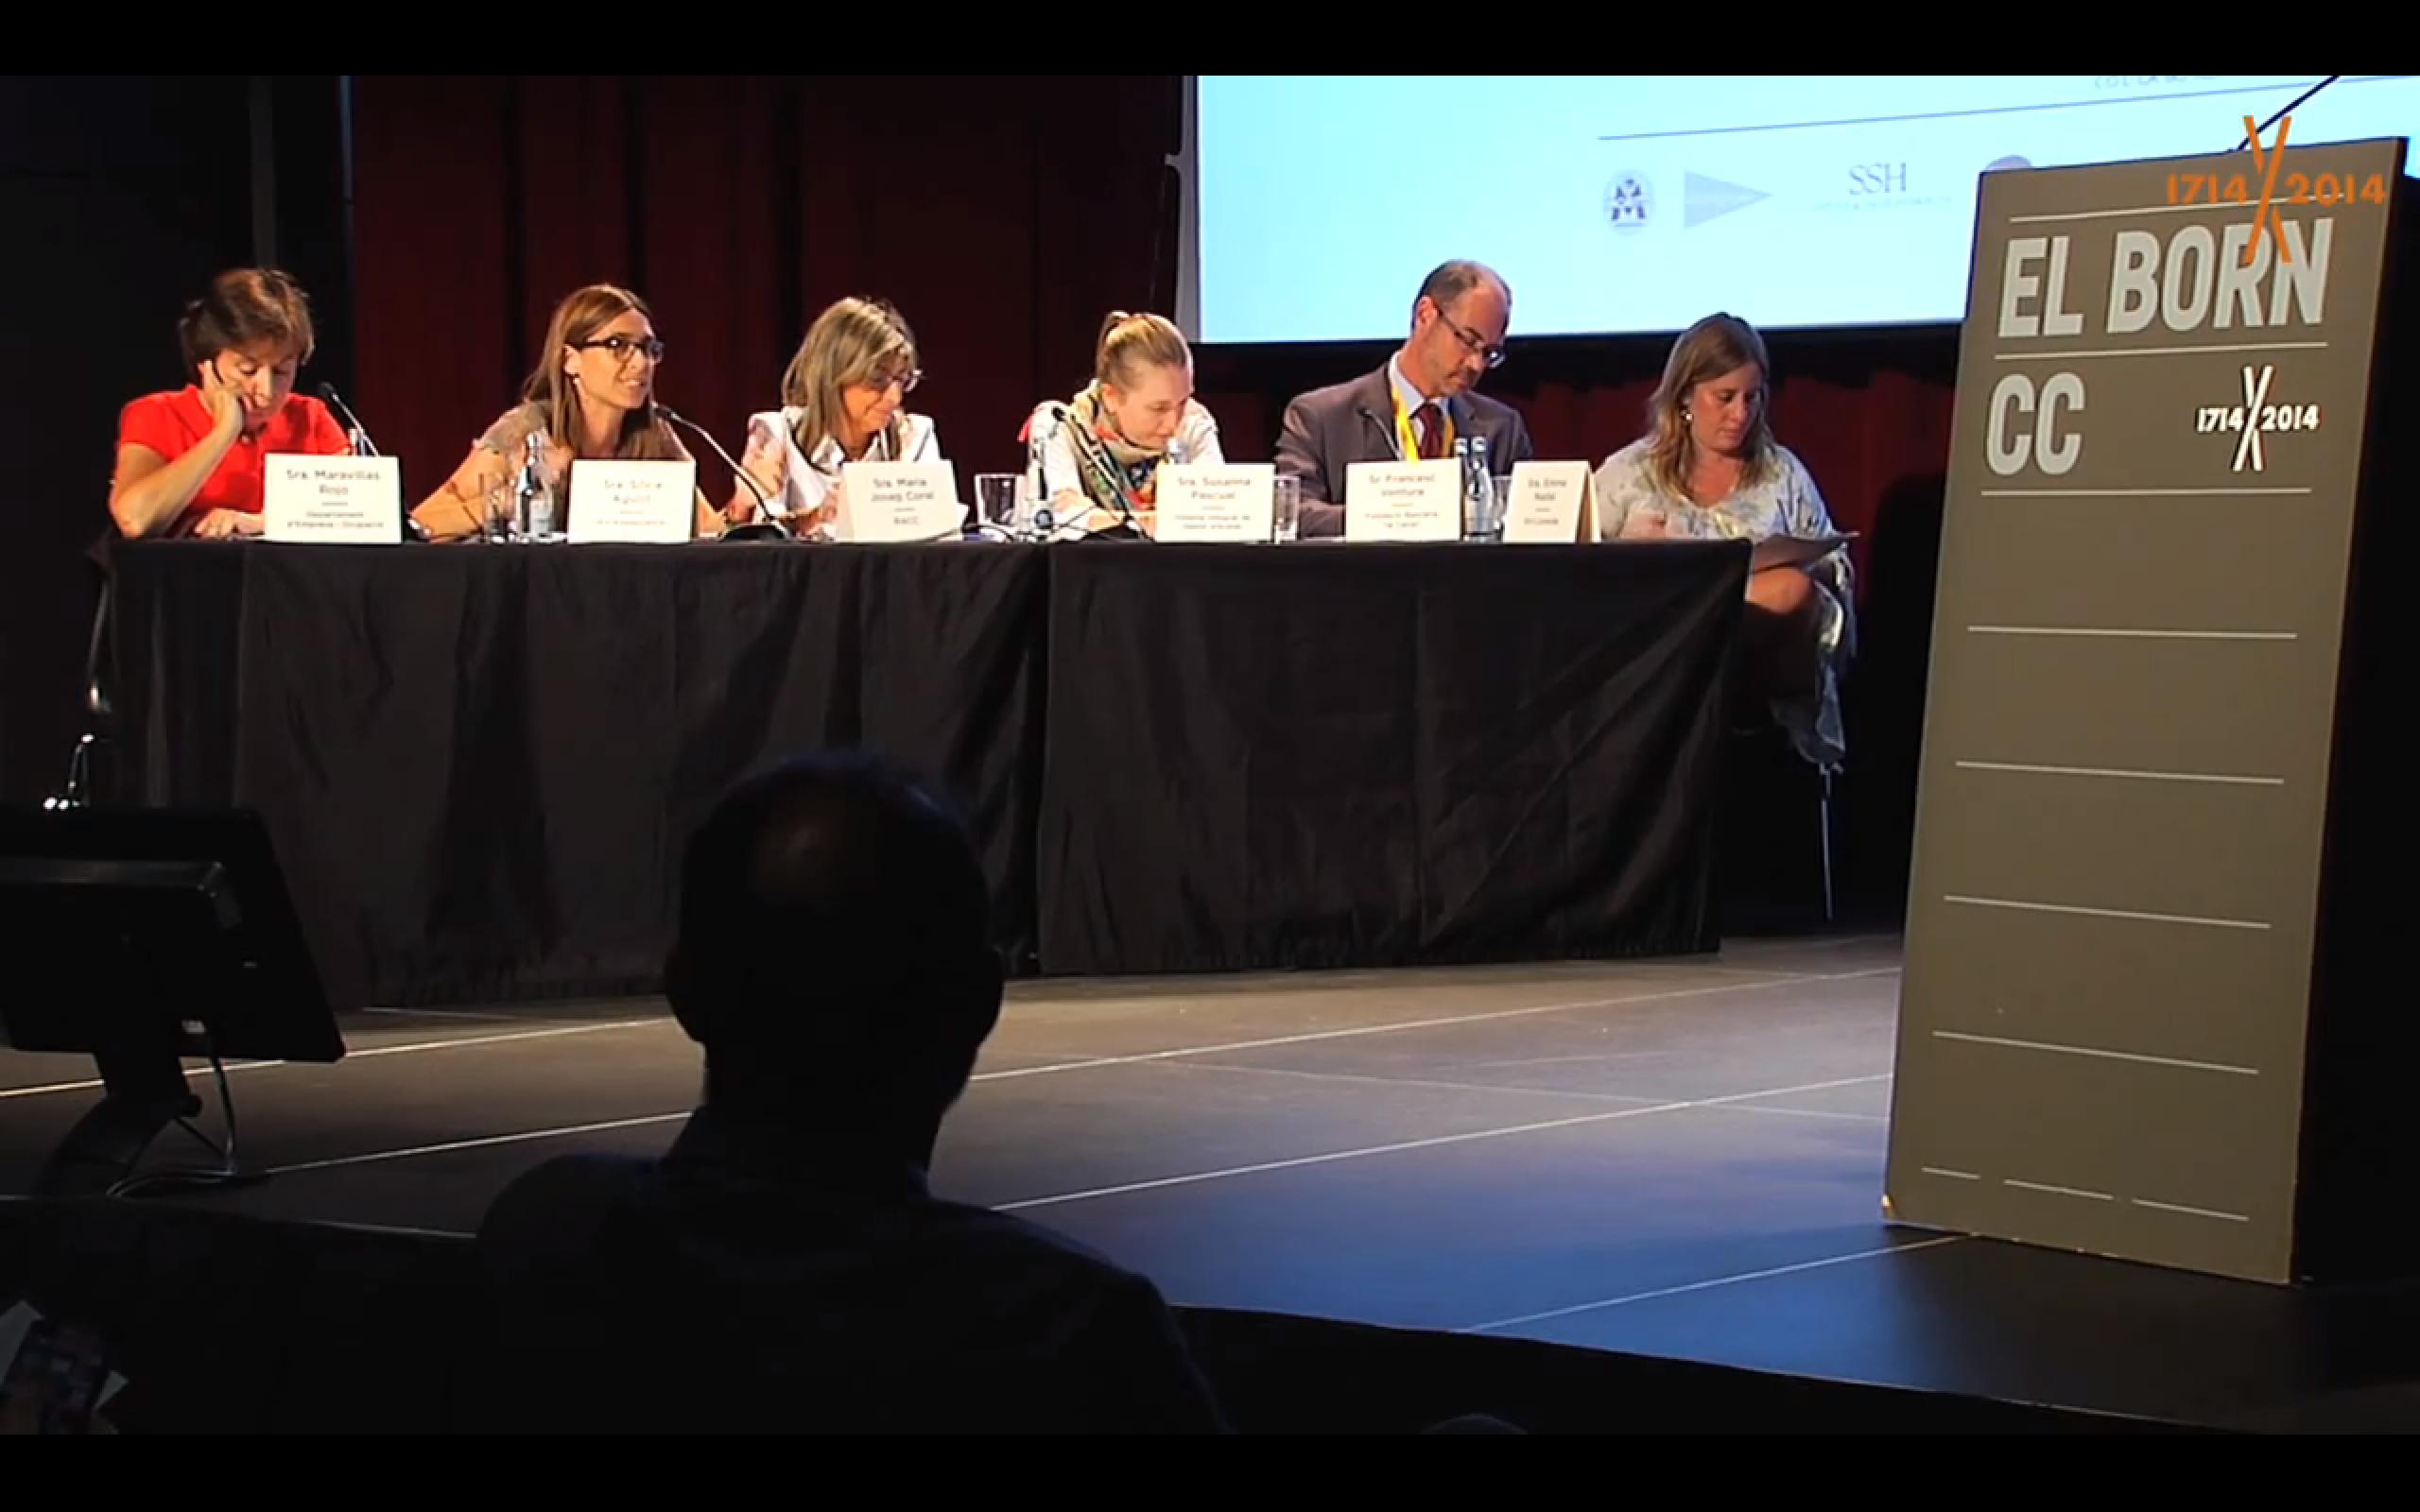 Experts en comunicació de les empreses participants aportant consells per a les entitats socials